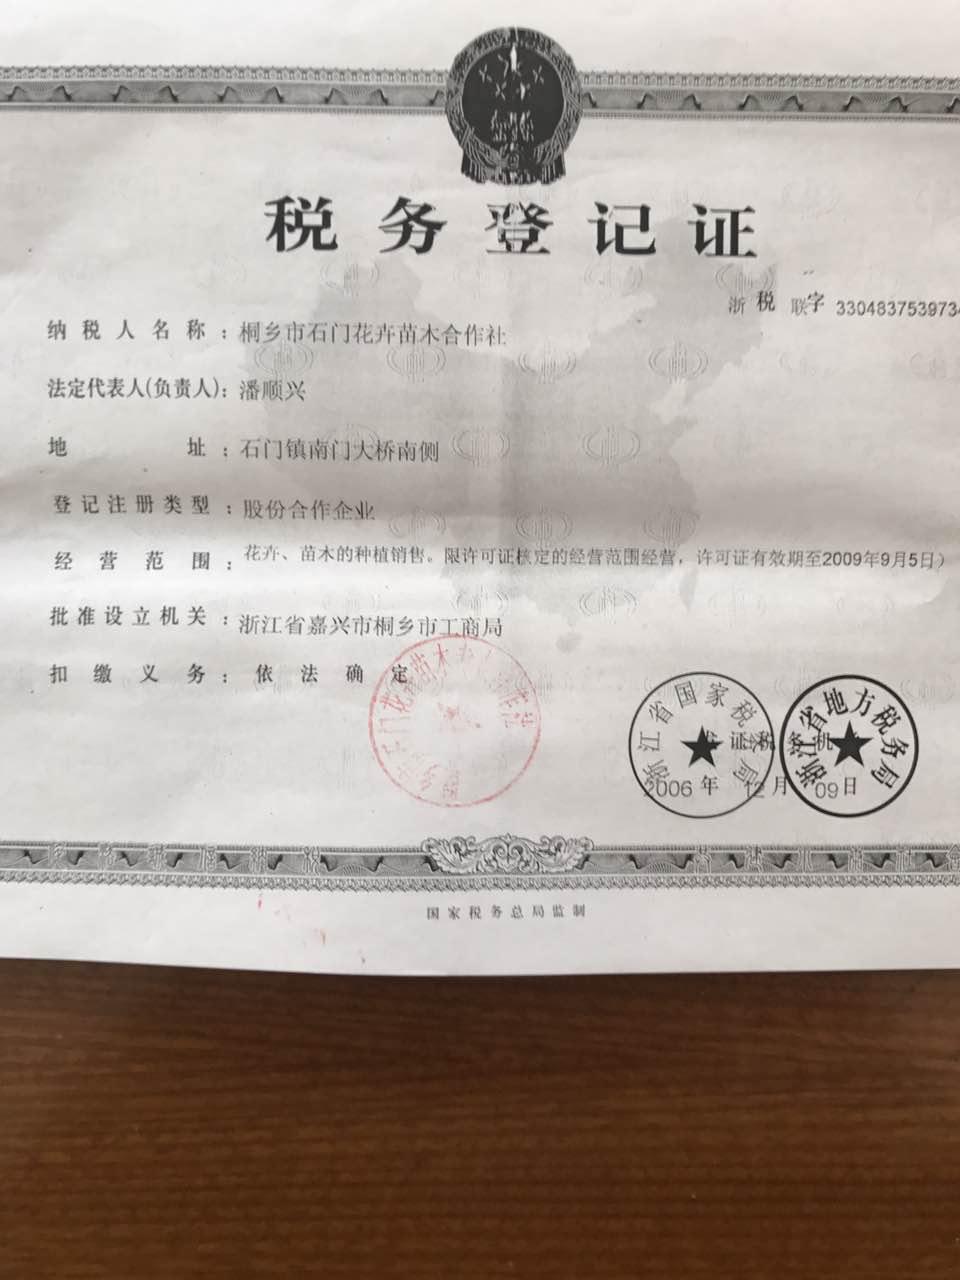 桐乡市石门花卉苗木专业合作社